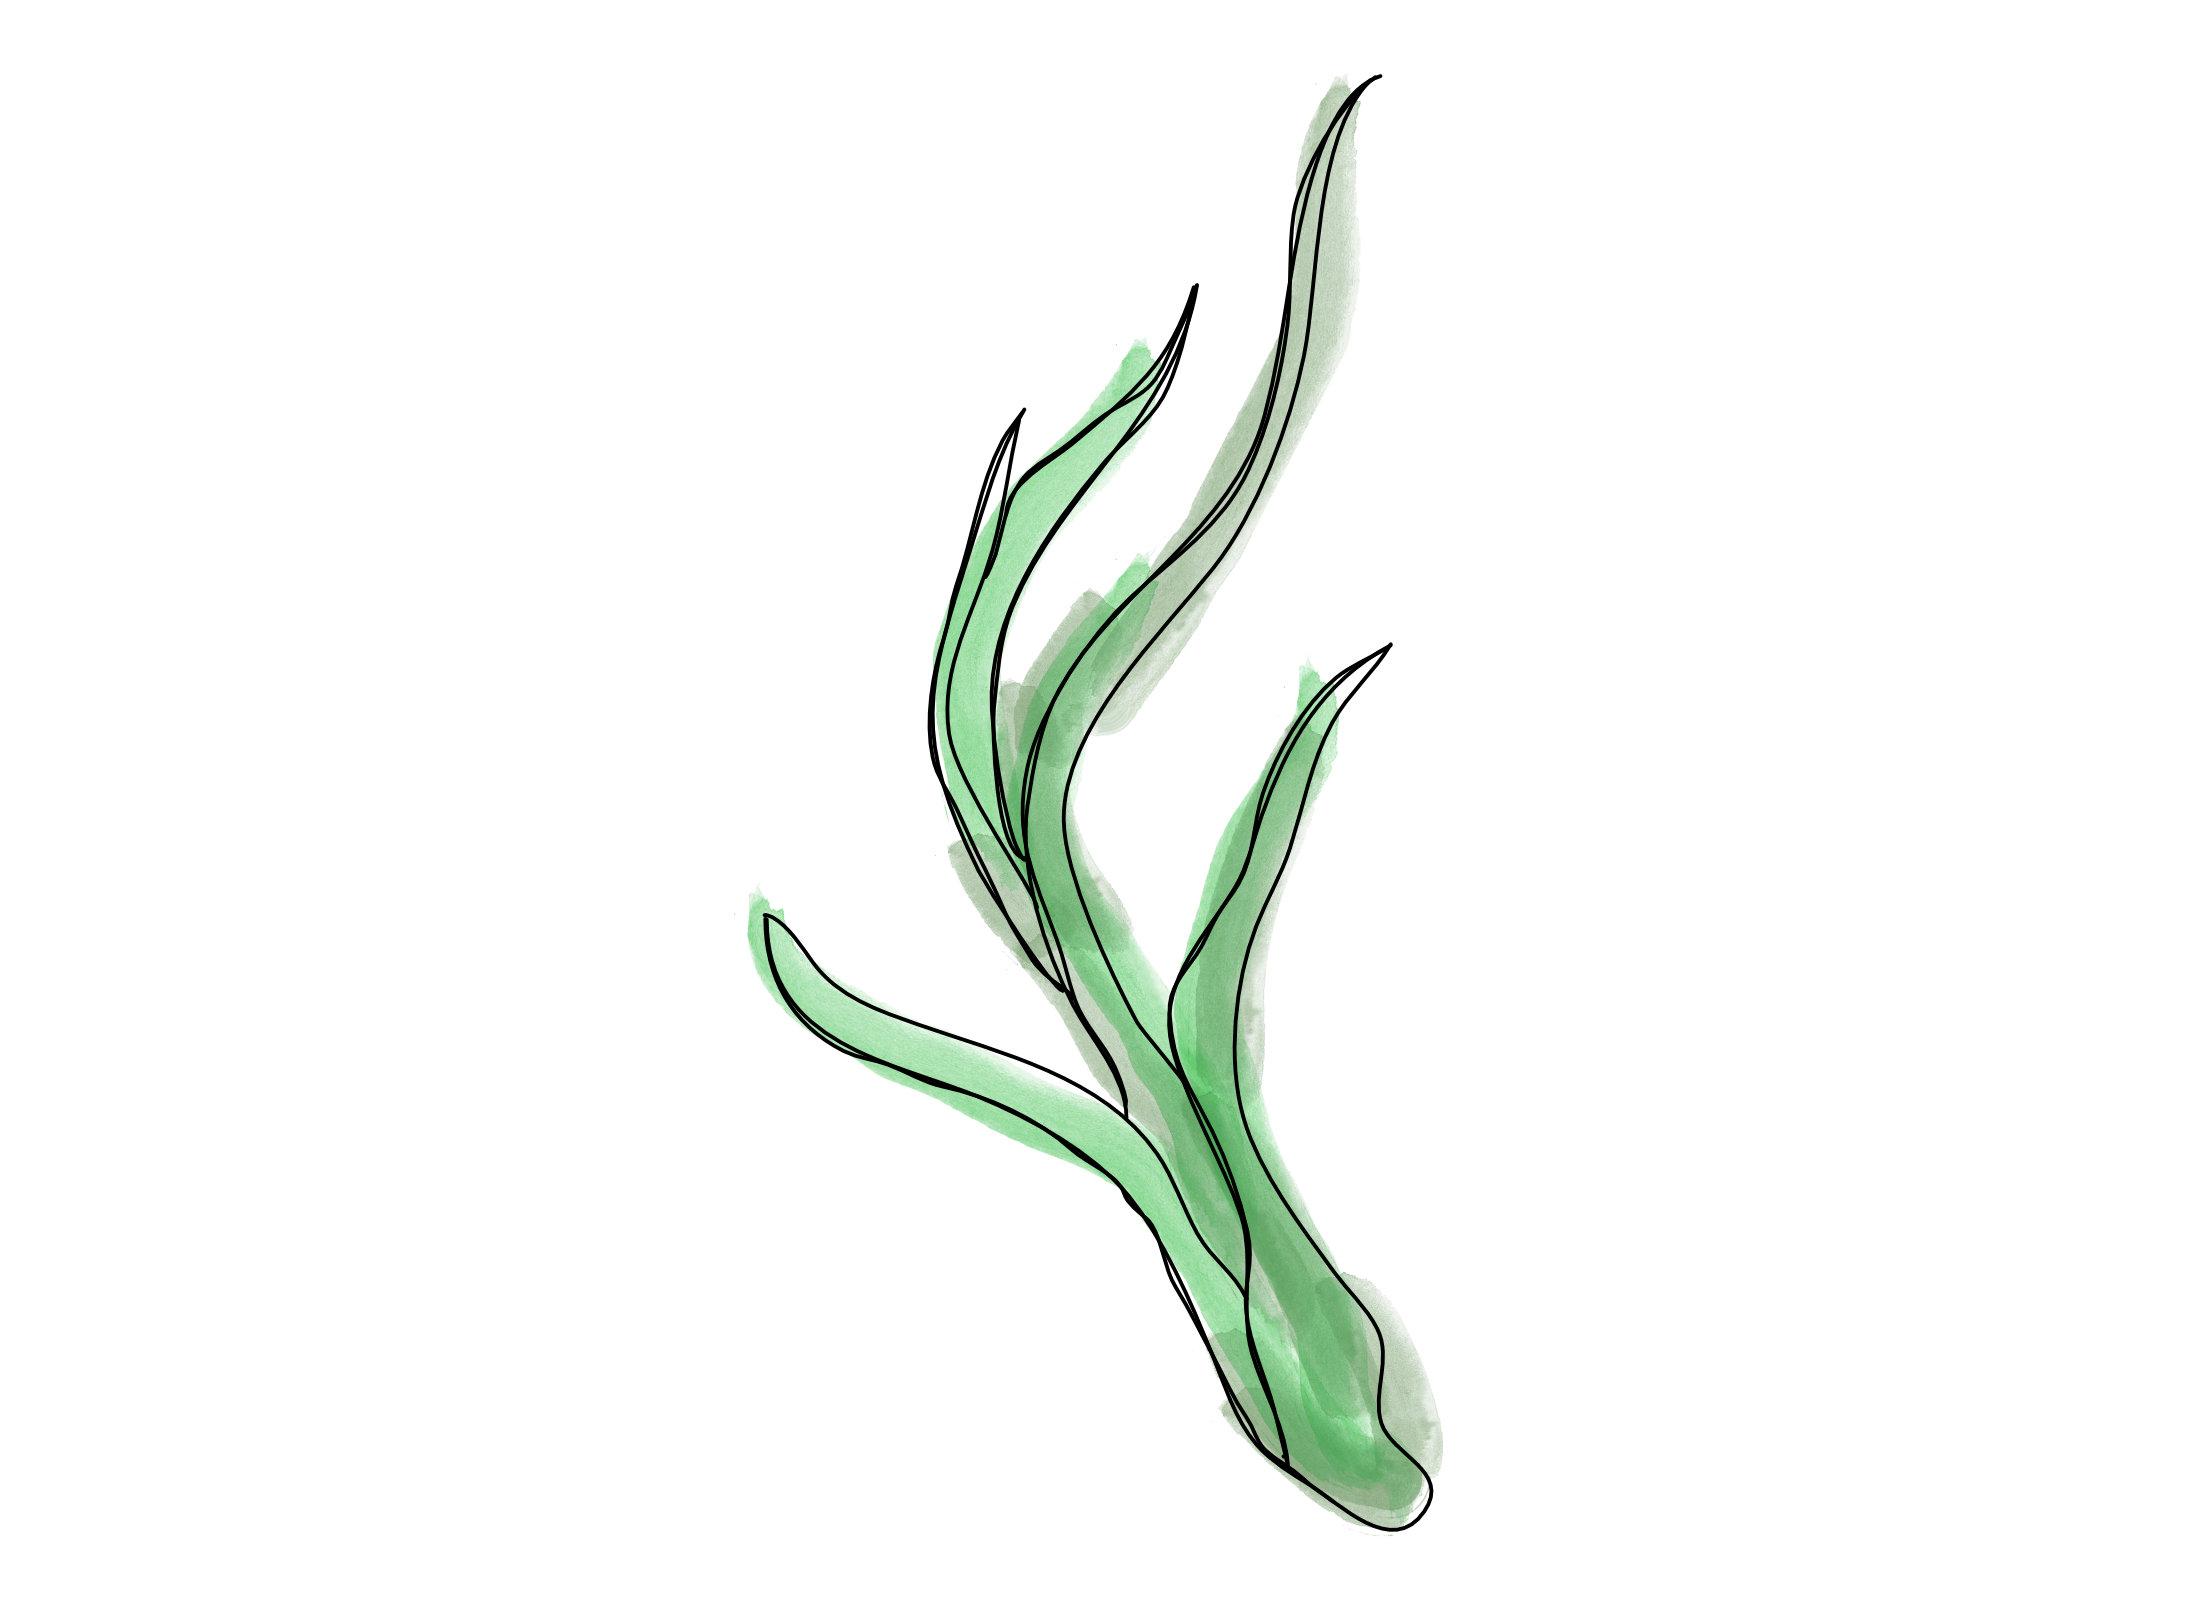 Zielonolistni